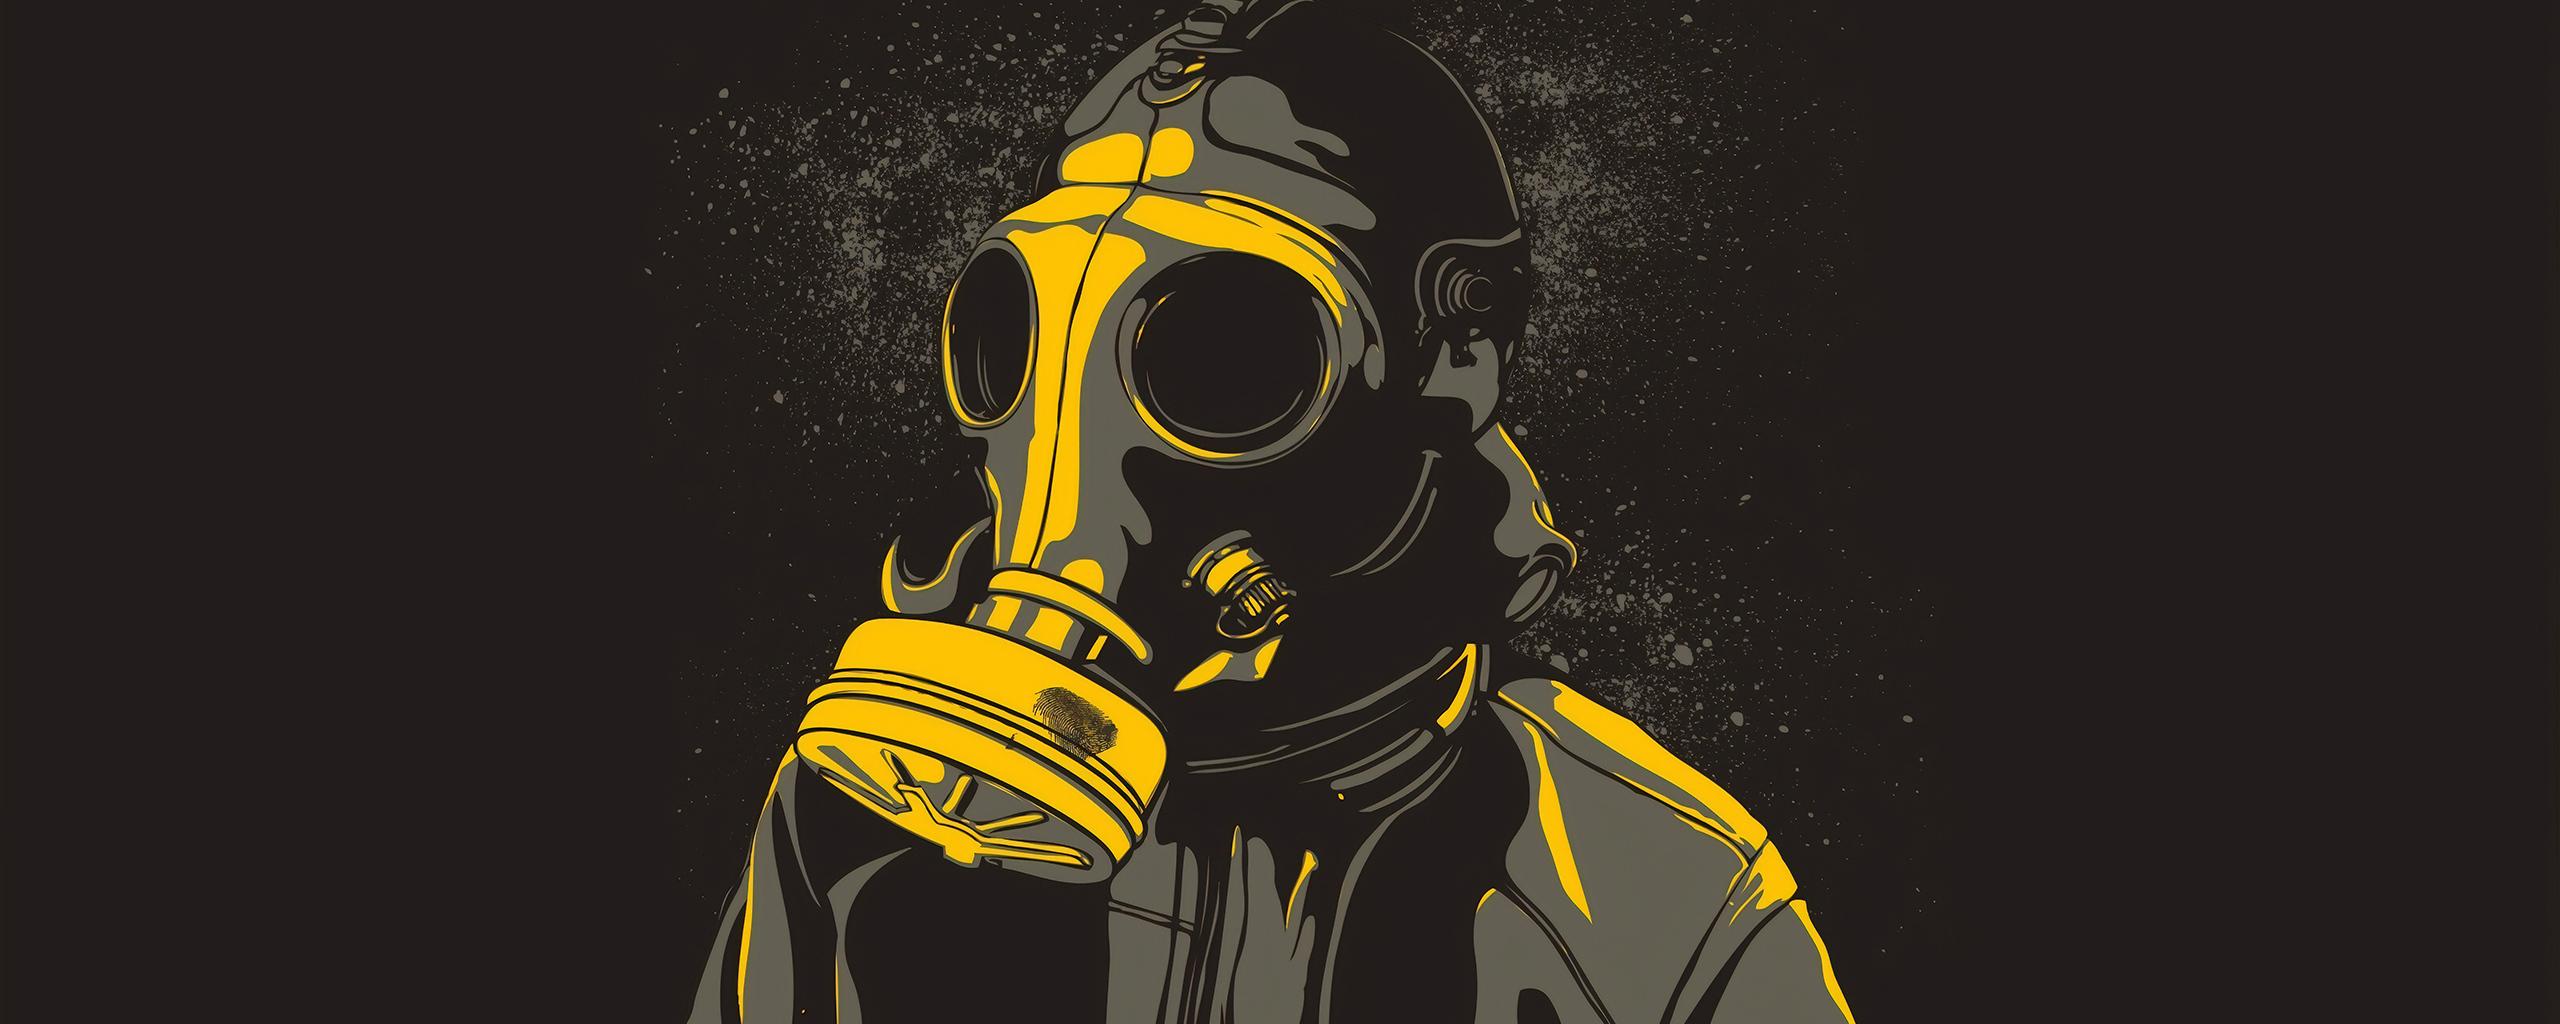 gas-mask-guy-vt.jpg